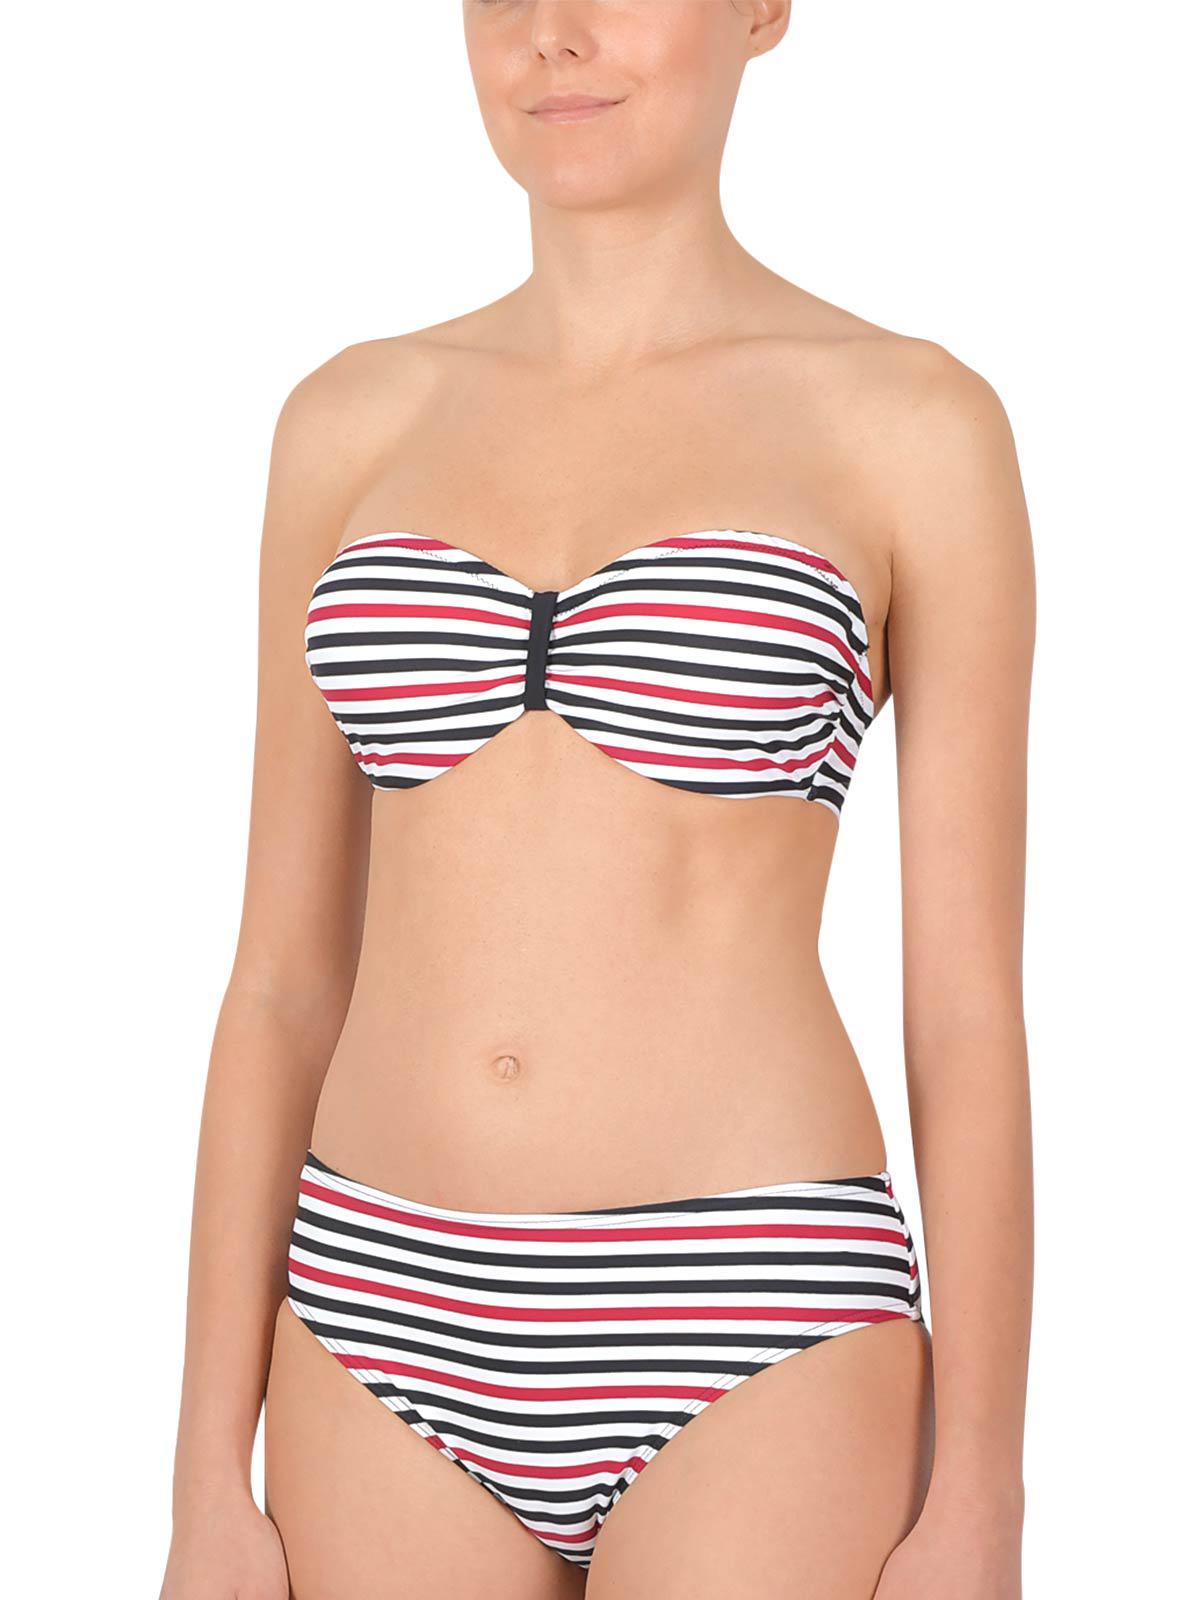 NATURANA Bandeau Bikini mit Bügel 72528 Gr. 36-44 B-D